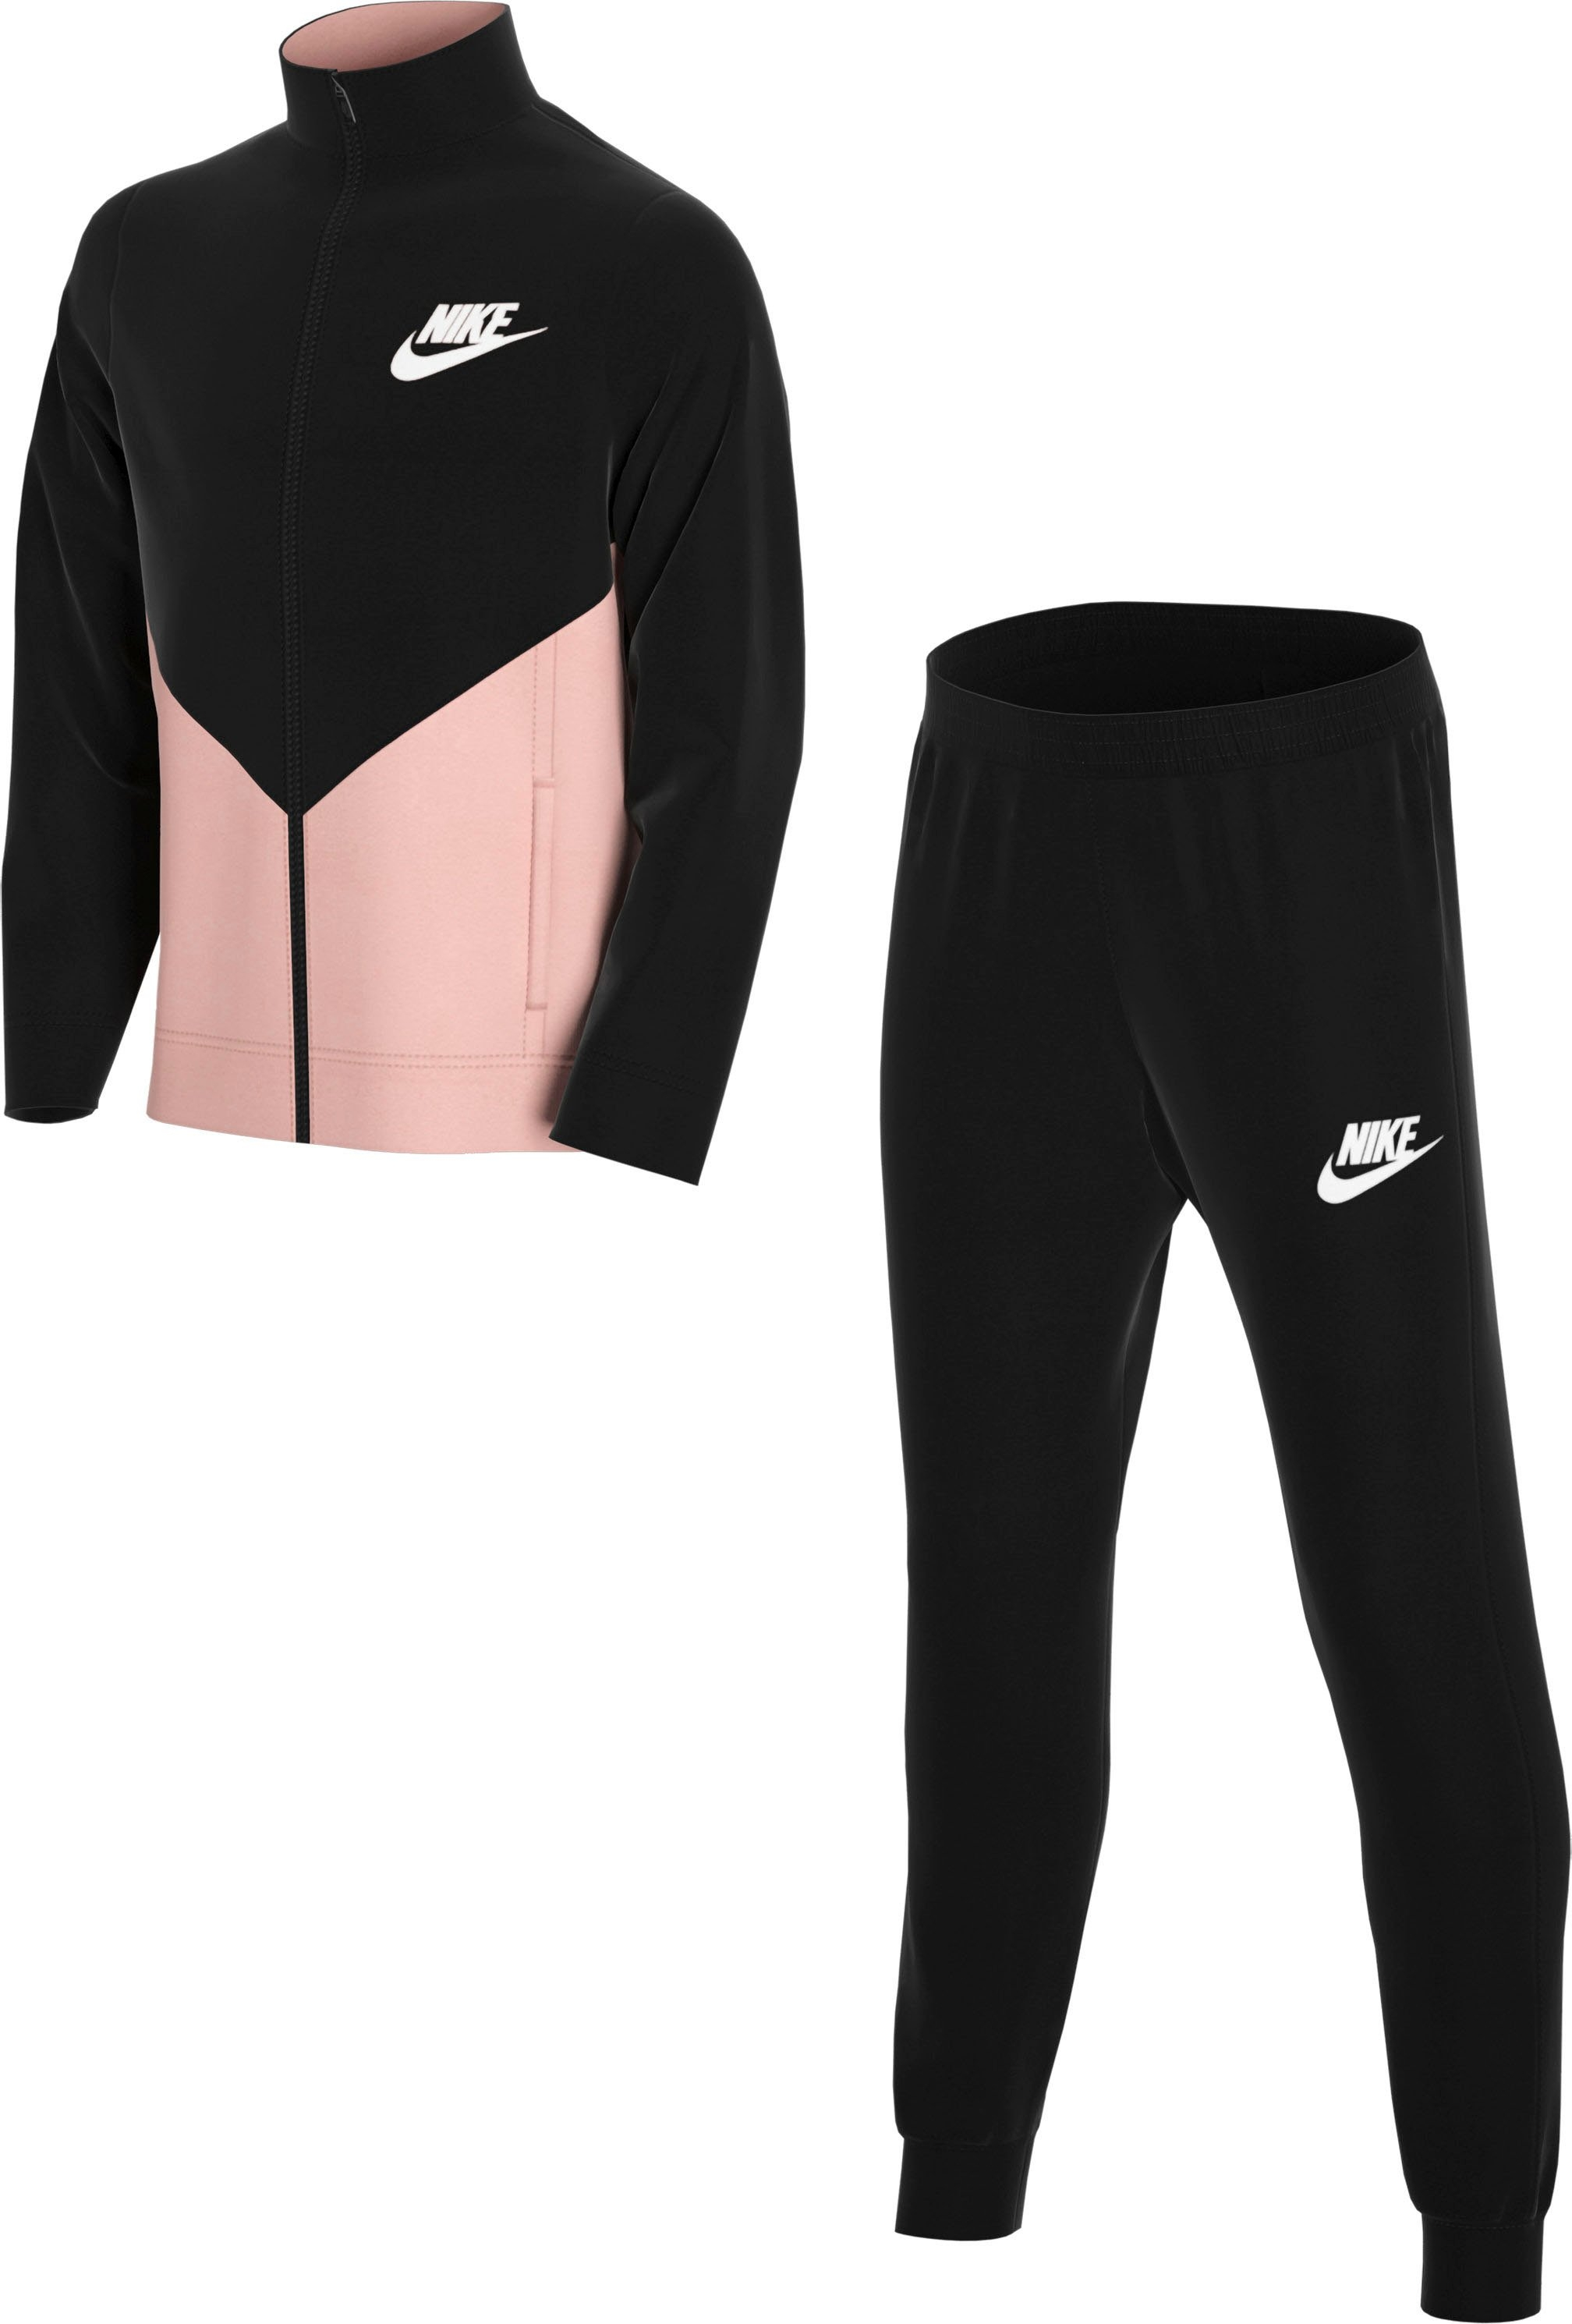 Nike Sportswear trainingspak CORE FUTURA PLAY TRACK SUIT (set, 2-delig) goedkoop op otto.nl kopen